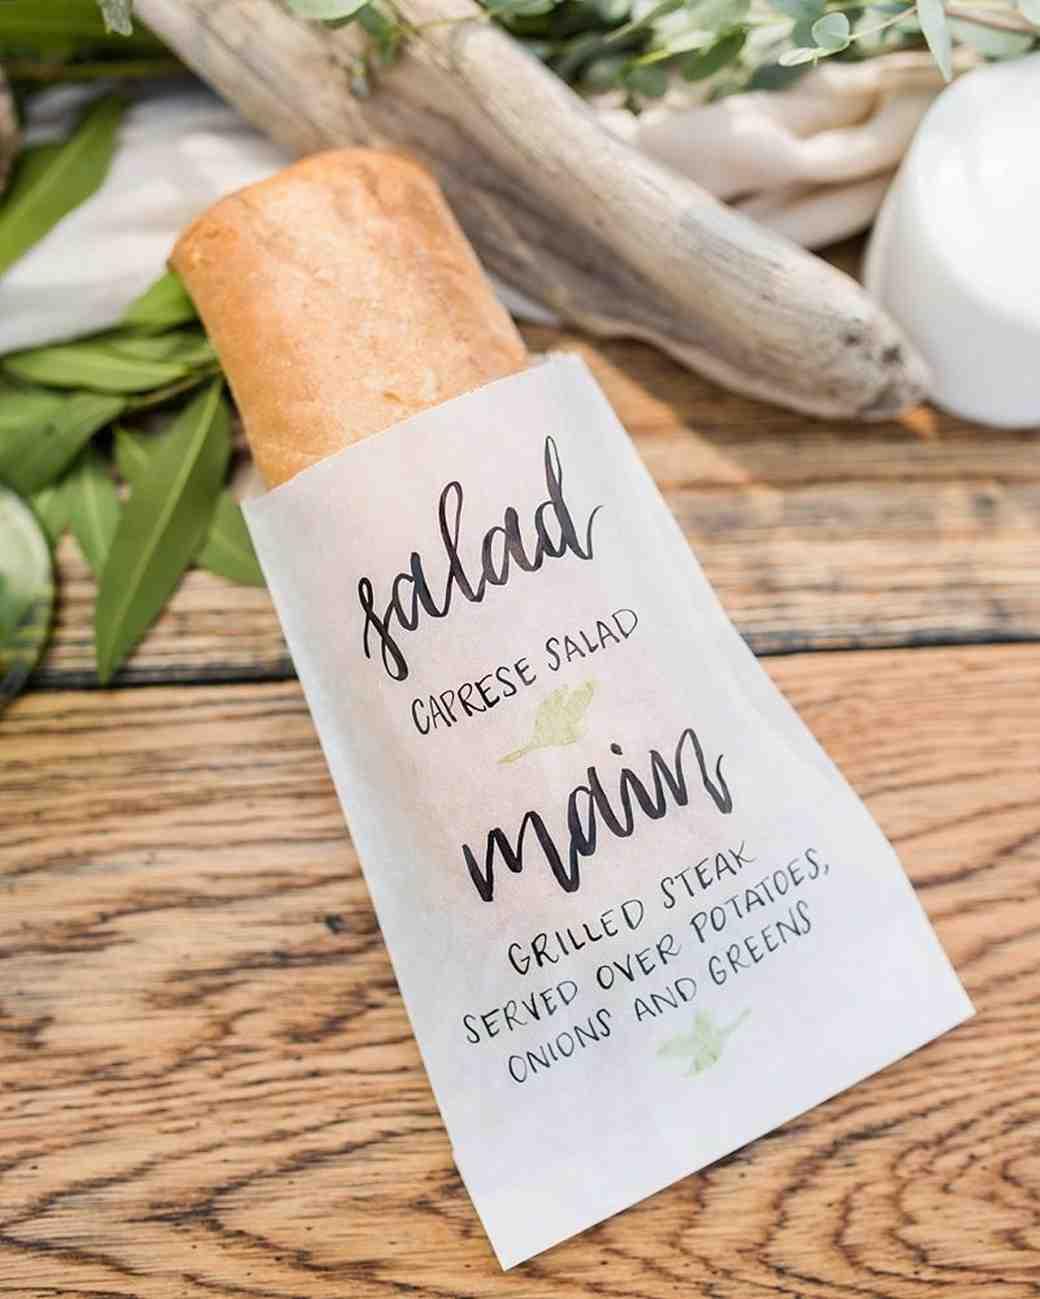 bread loaf in printed menu sleeve